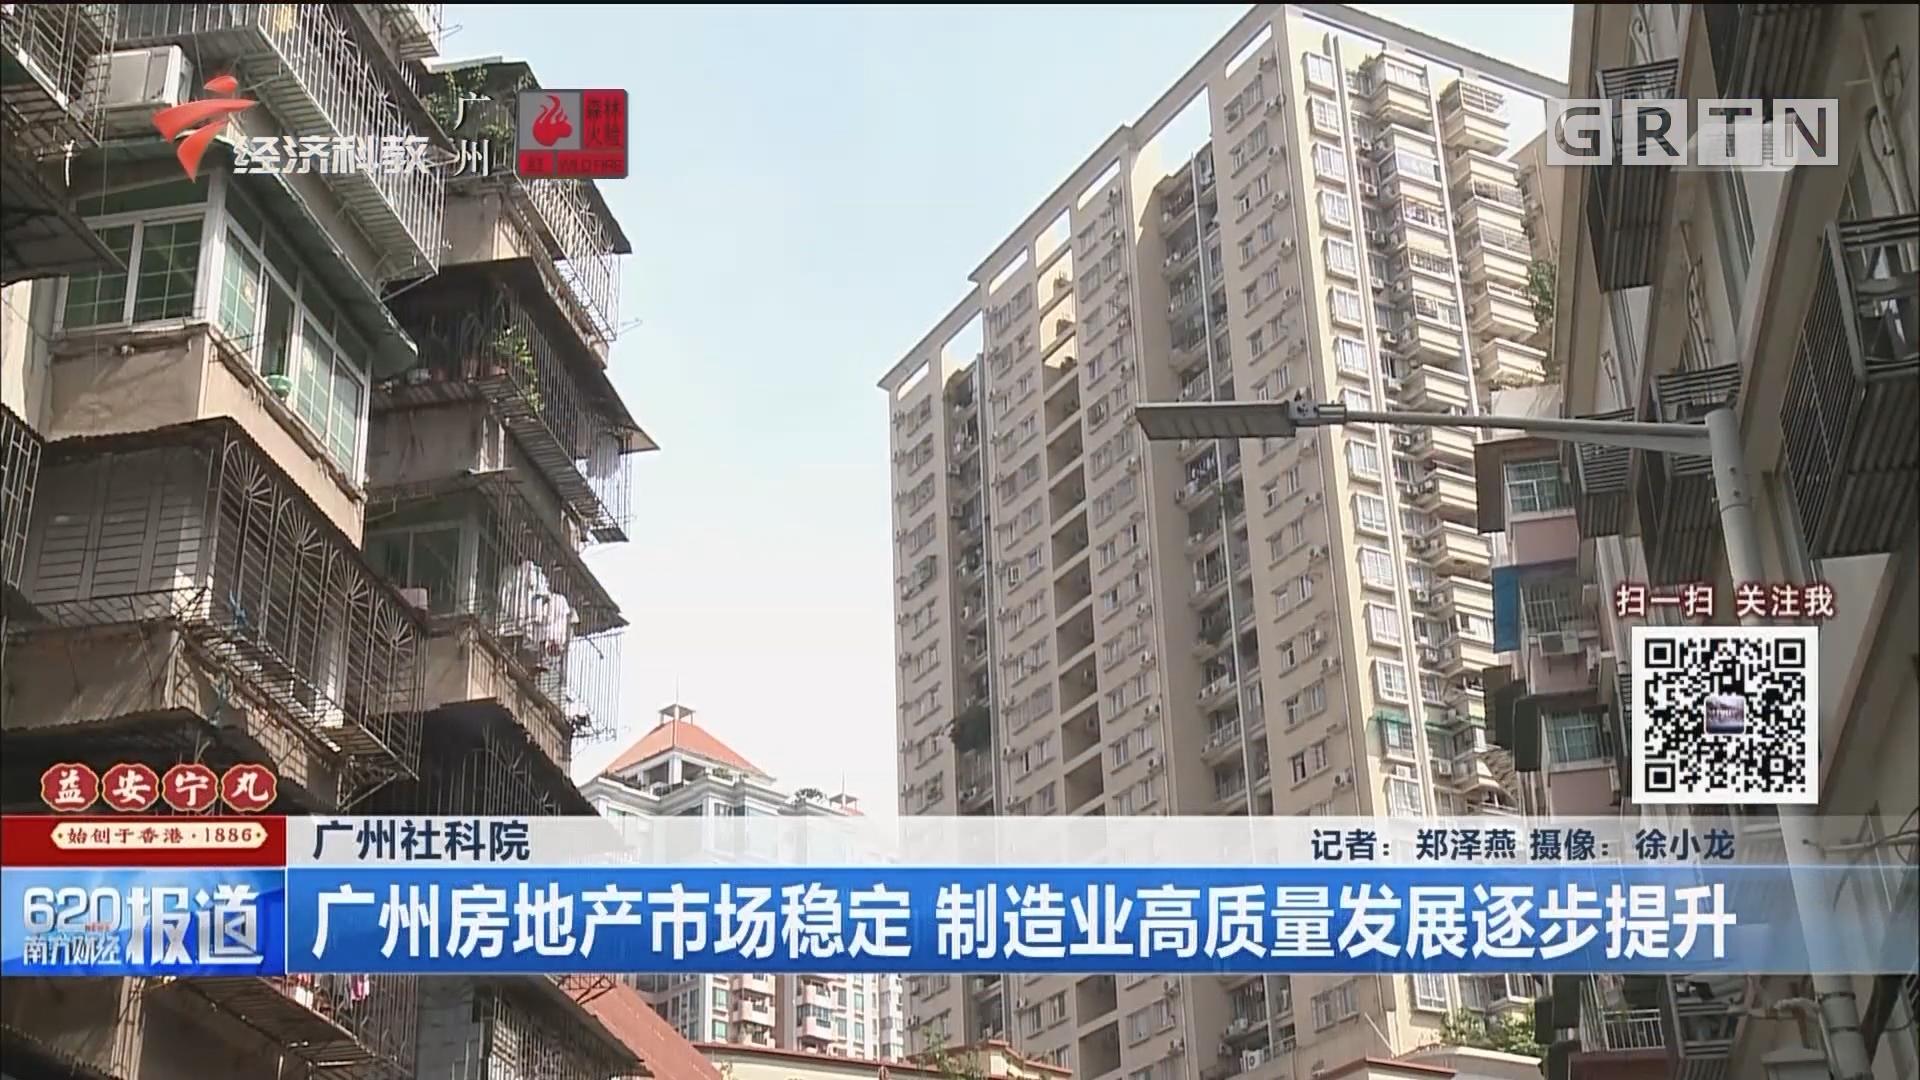 广州社科院:广州房地产市场稳定 制造业高质量发展逐步提升